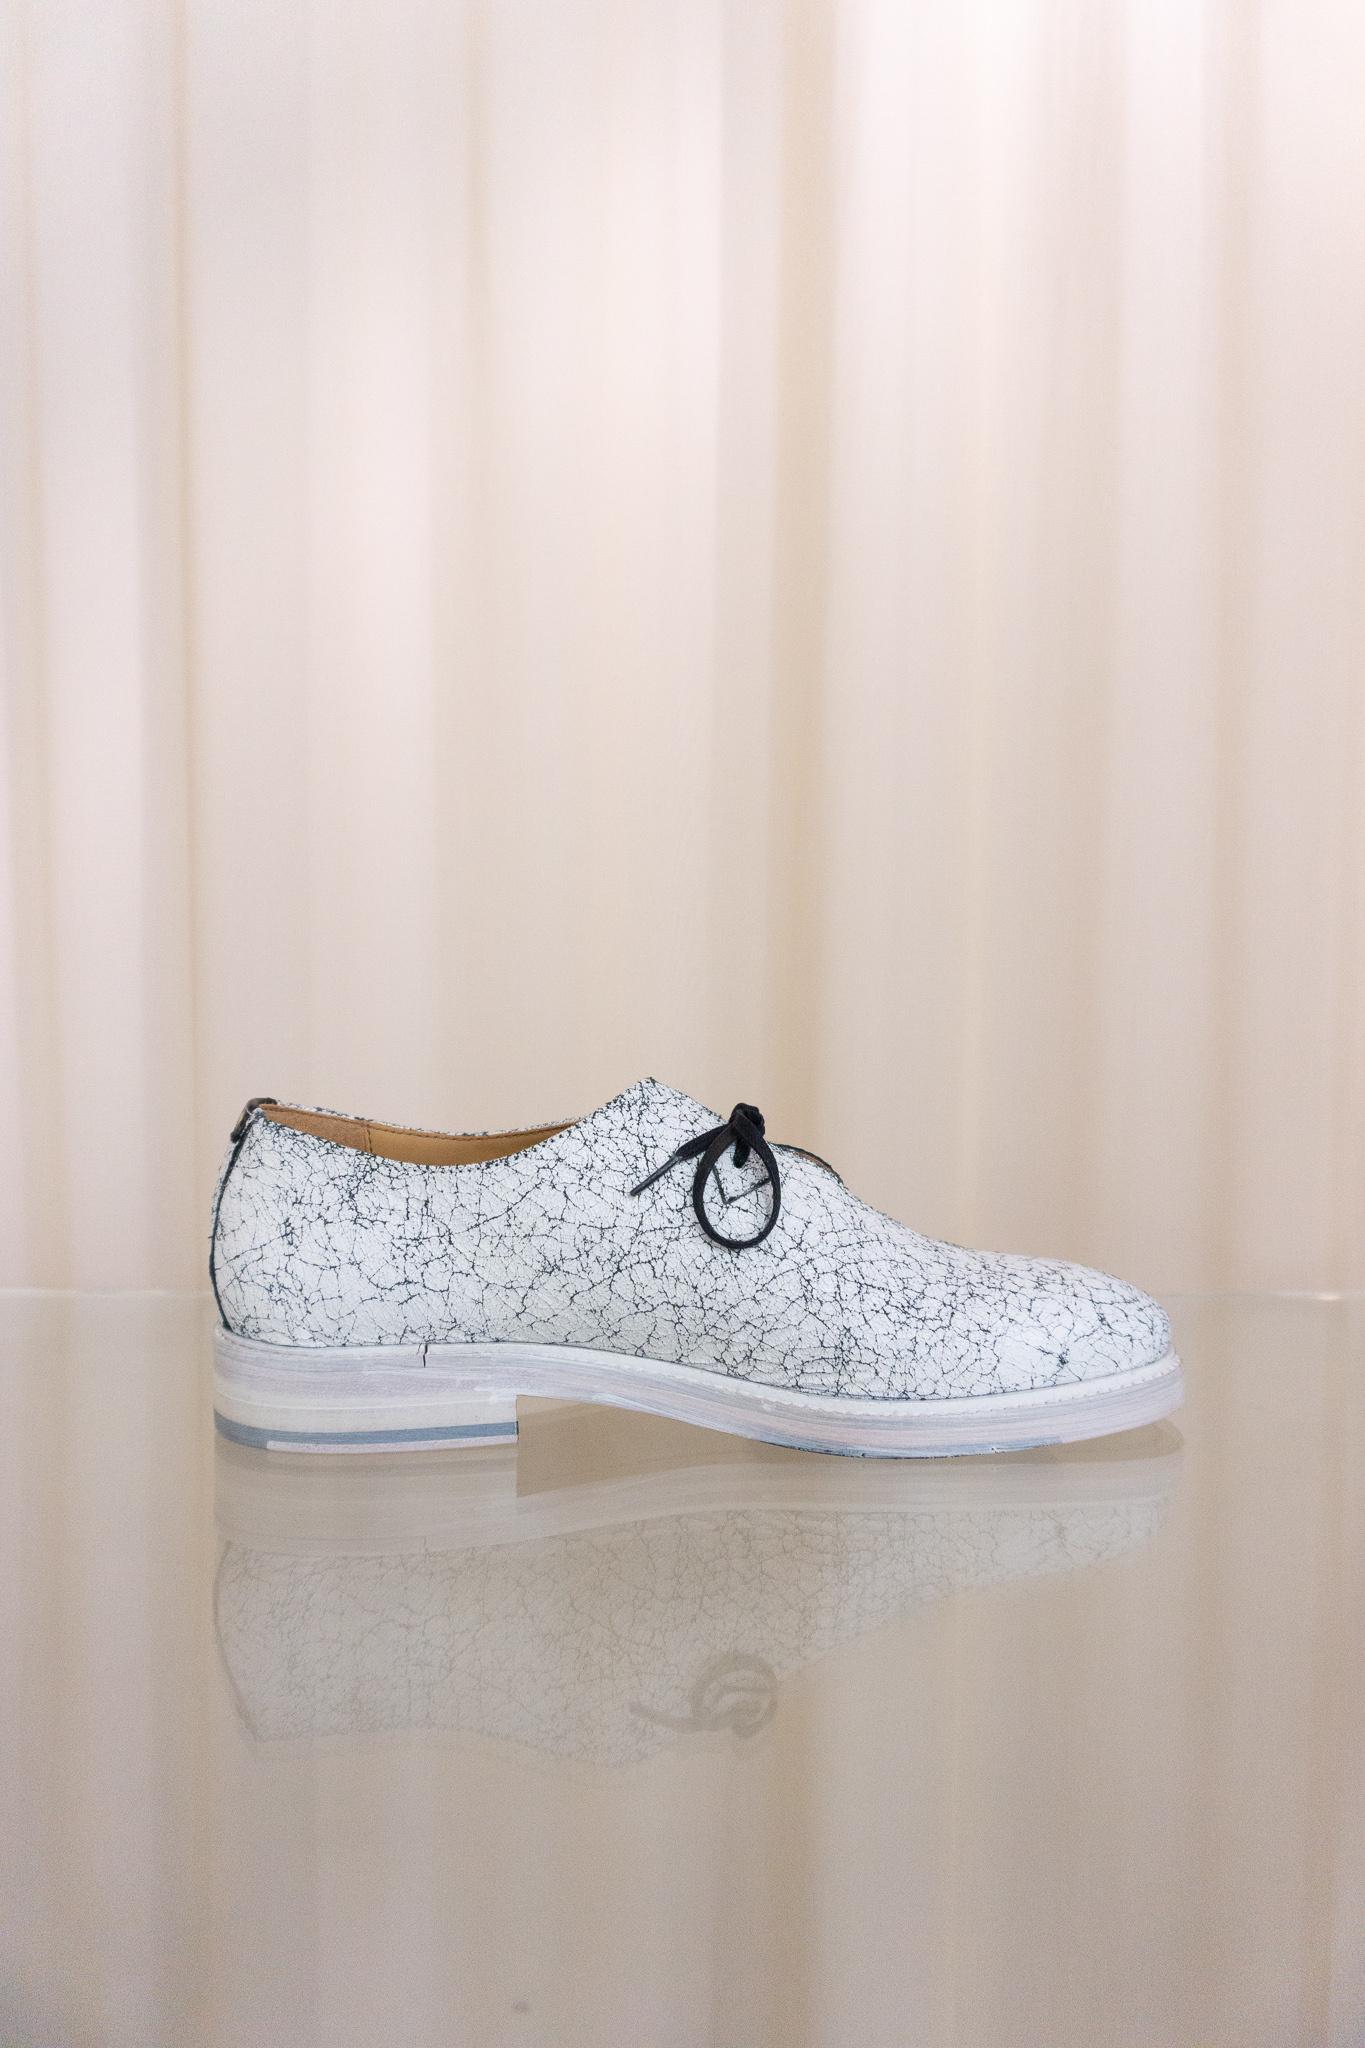 Jodiq lace-up white